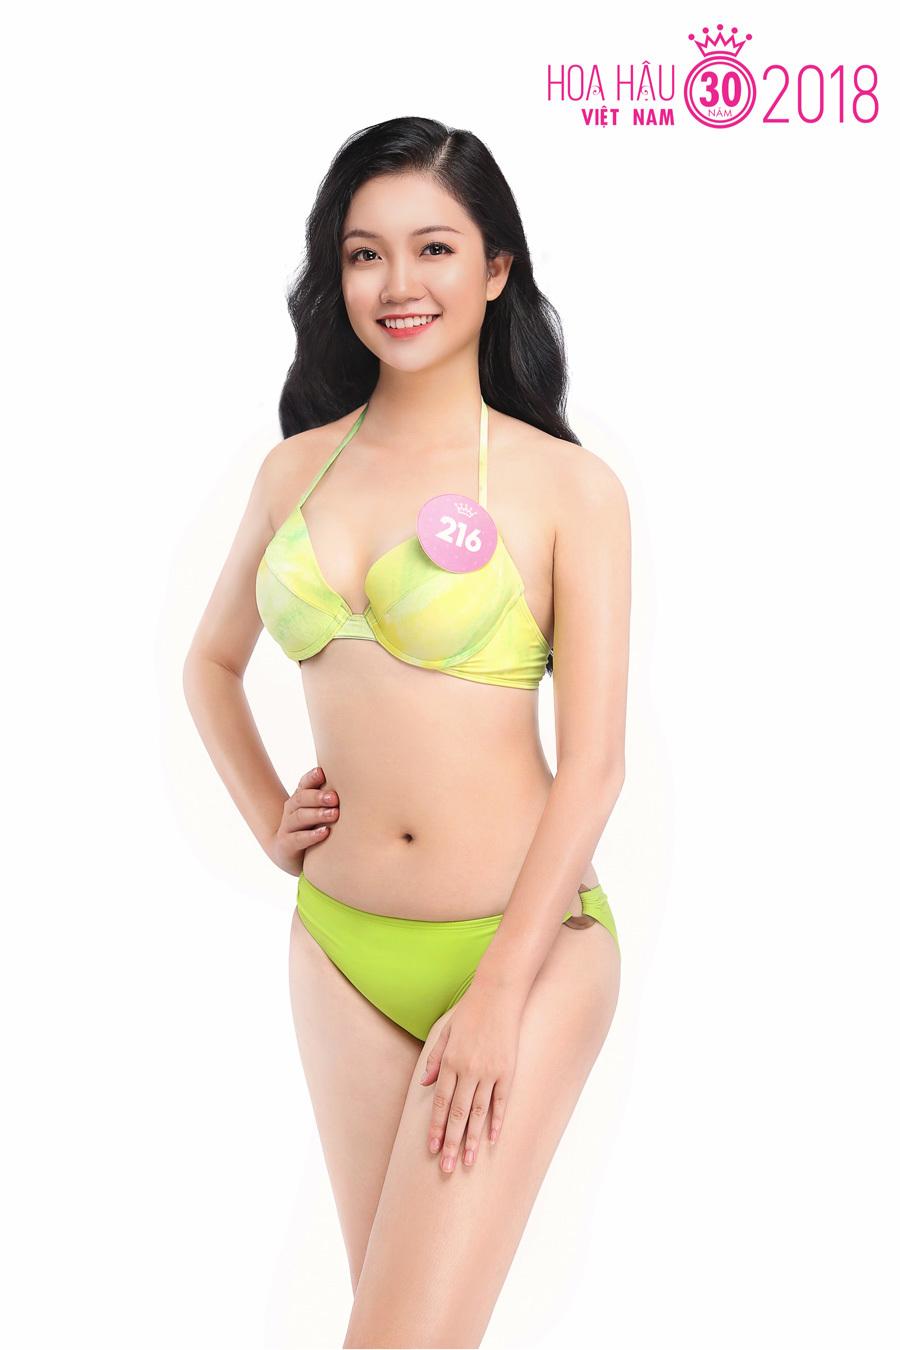 Dàn người đẹp Hoa hậu Việt Nam 2018 nóng rực với bikini